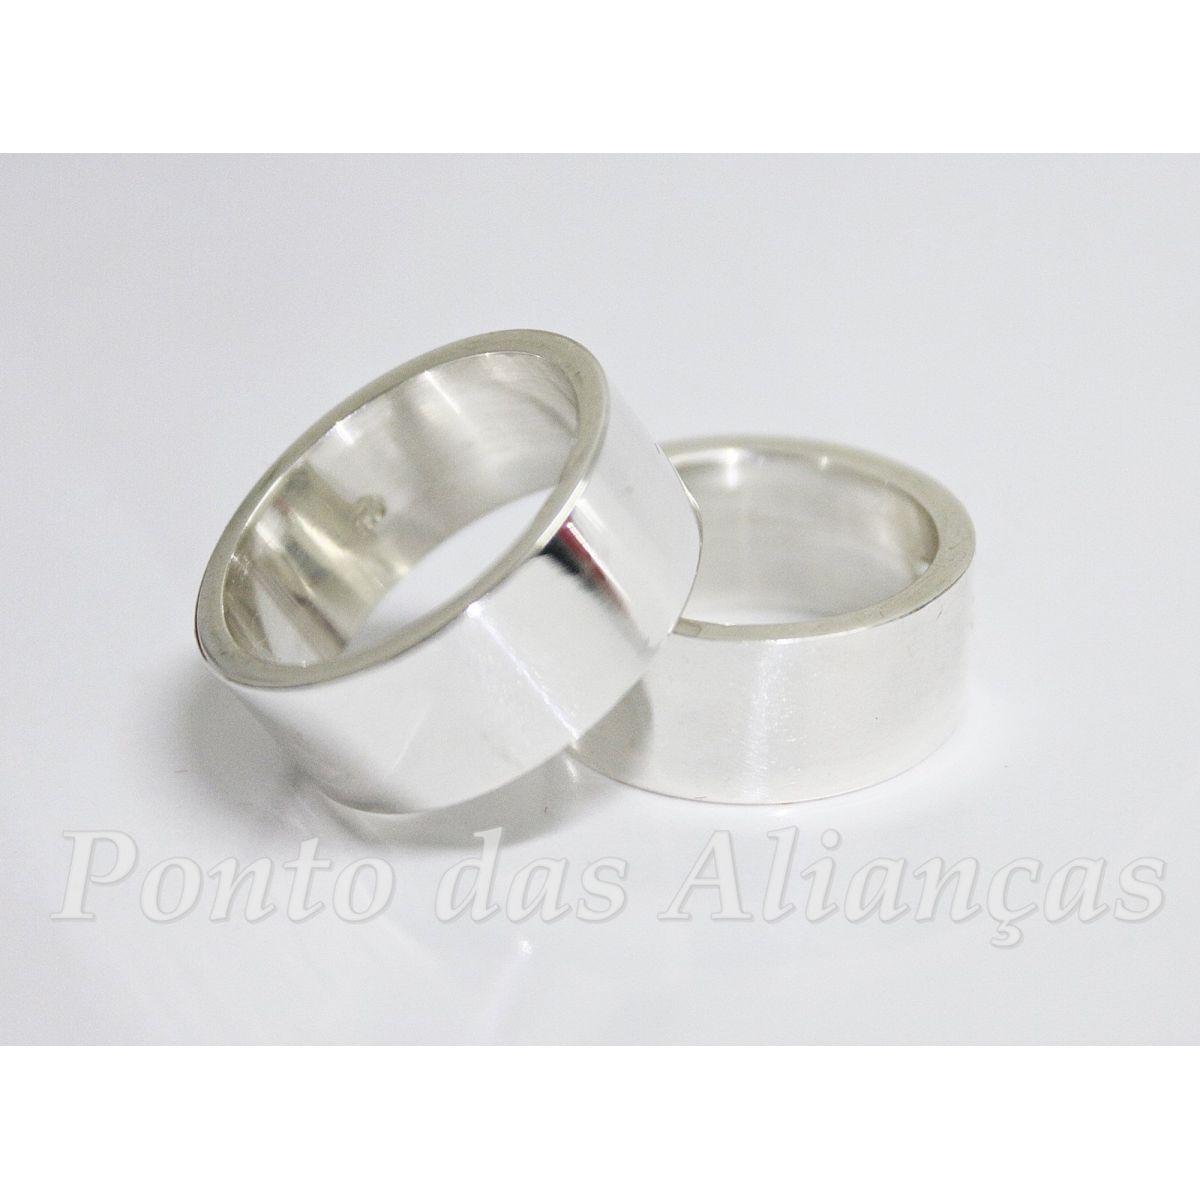 Alianças de Prata Compromisso - 3046